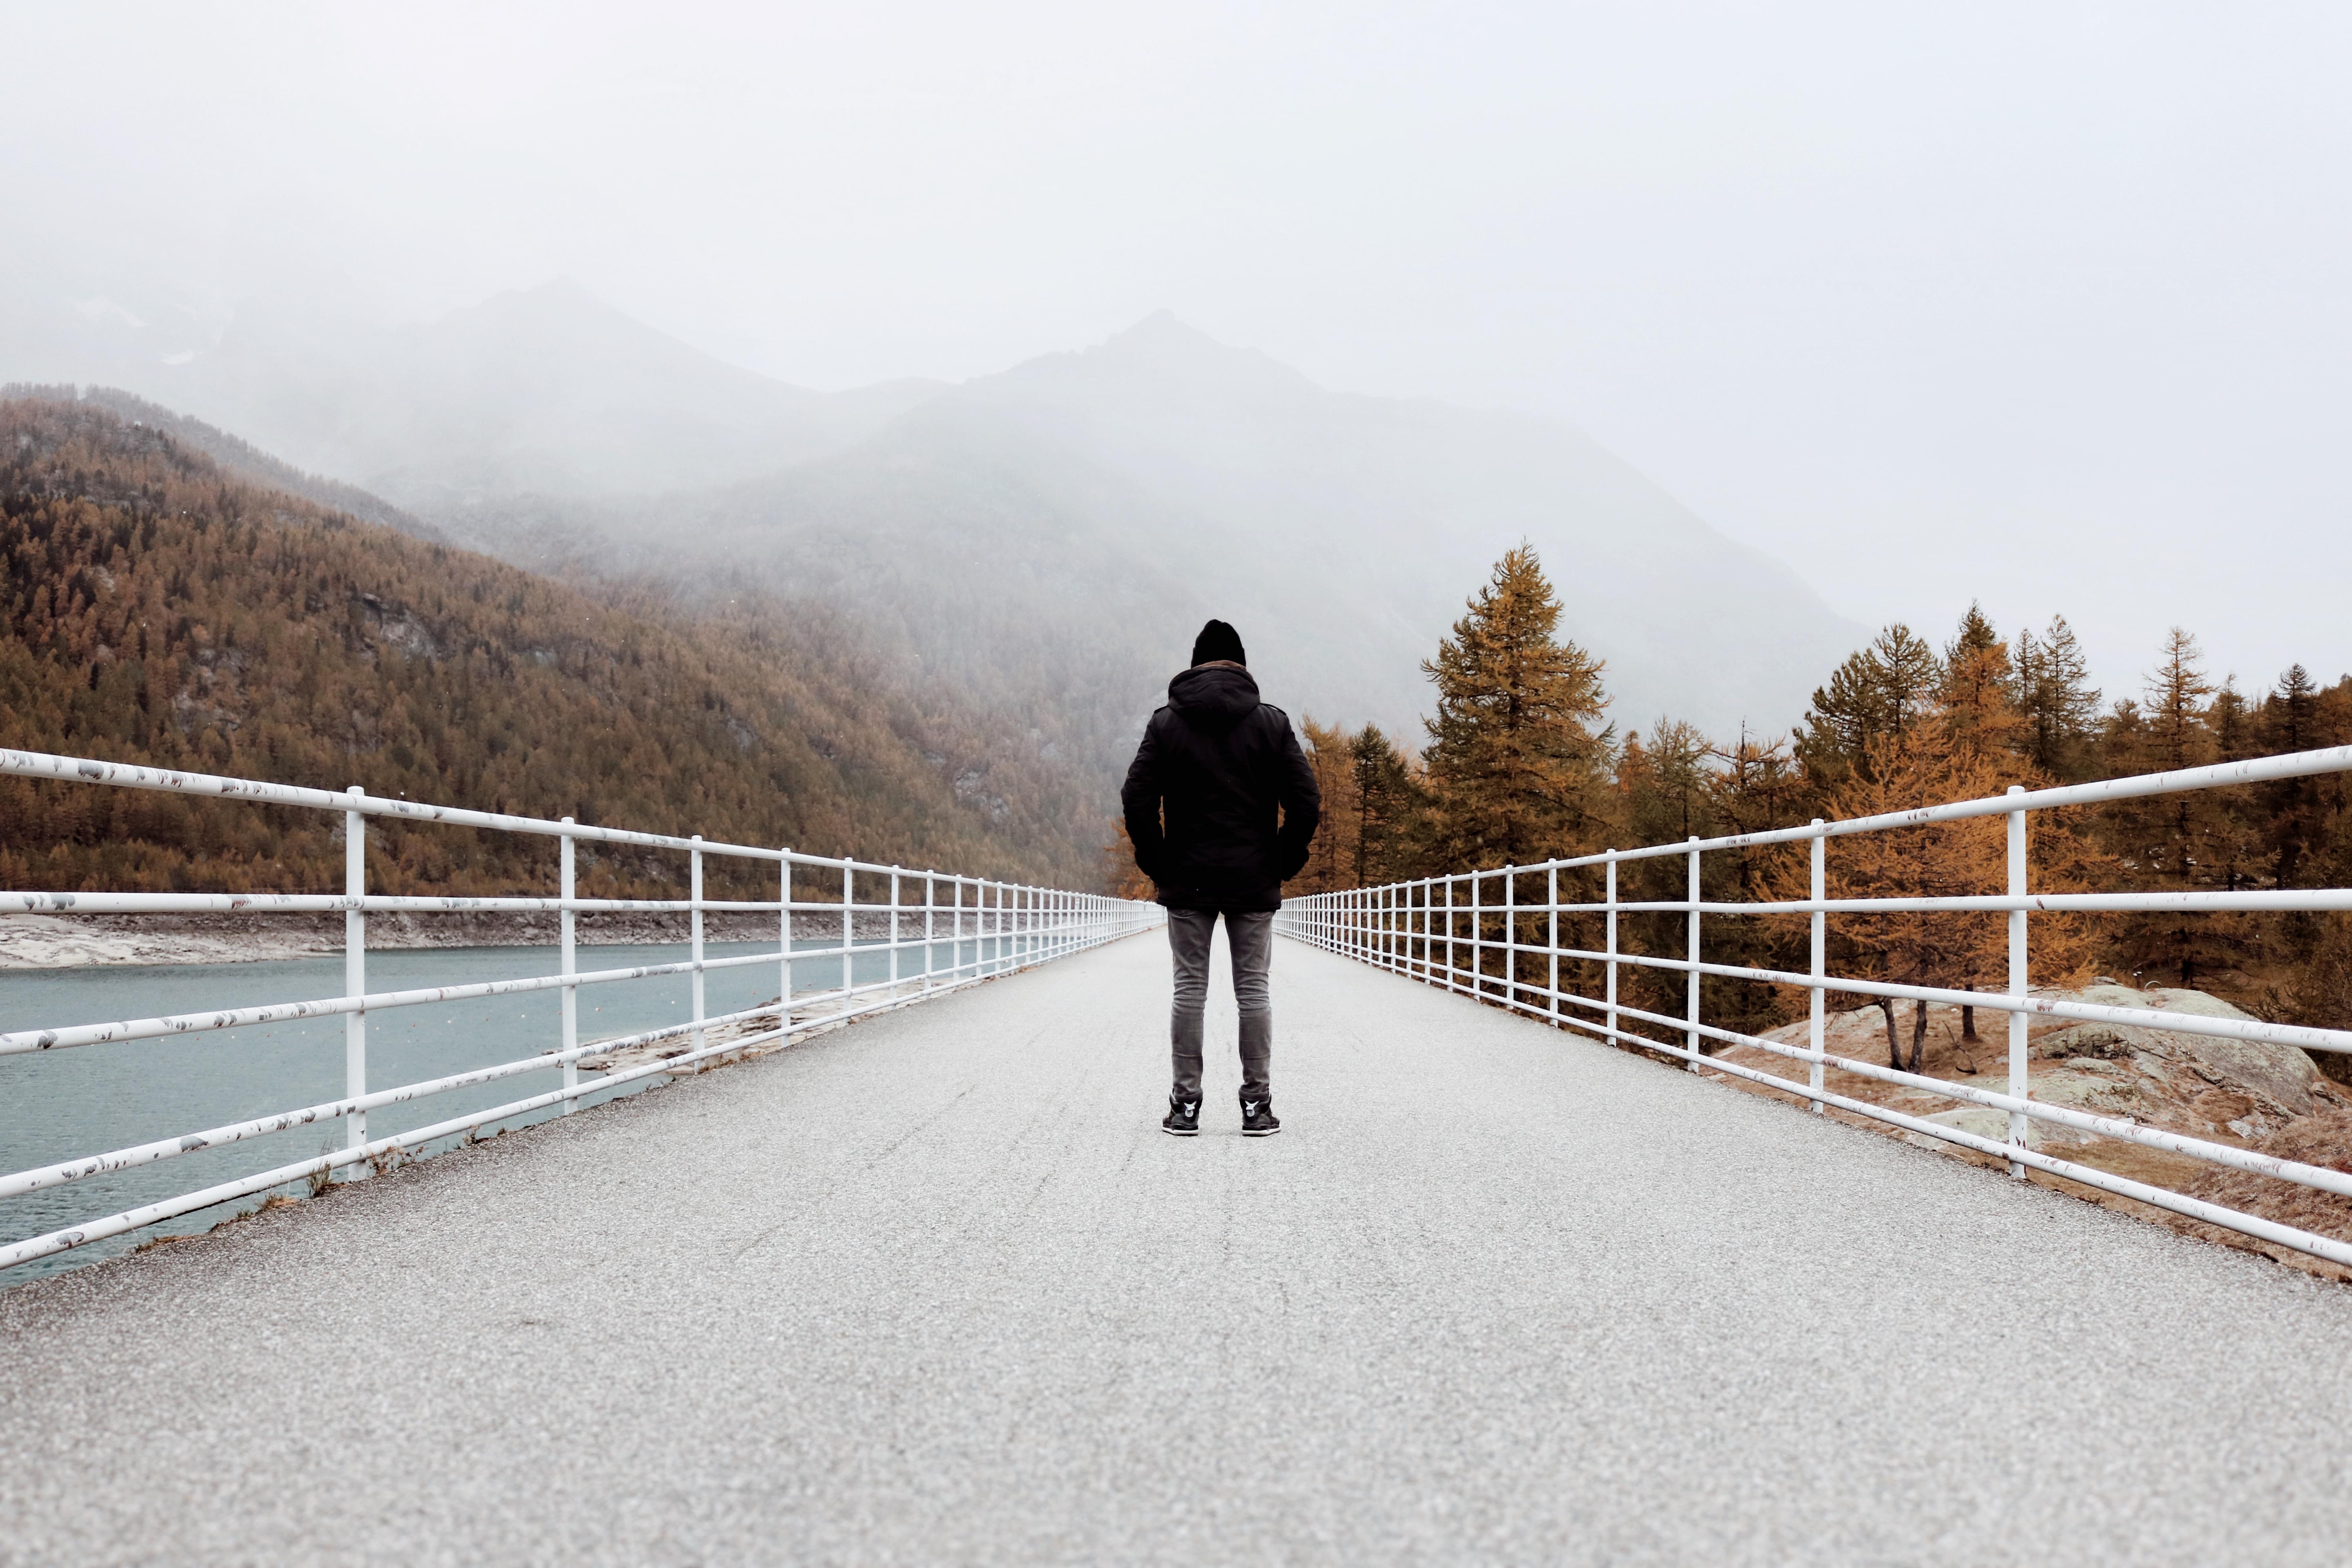 LandOutriders – Un weekend ai piedi del Parco Nazionale del Gran Paradiso con Alessio Rivolta e Francesca Garavaglia | Collater.al 12